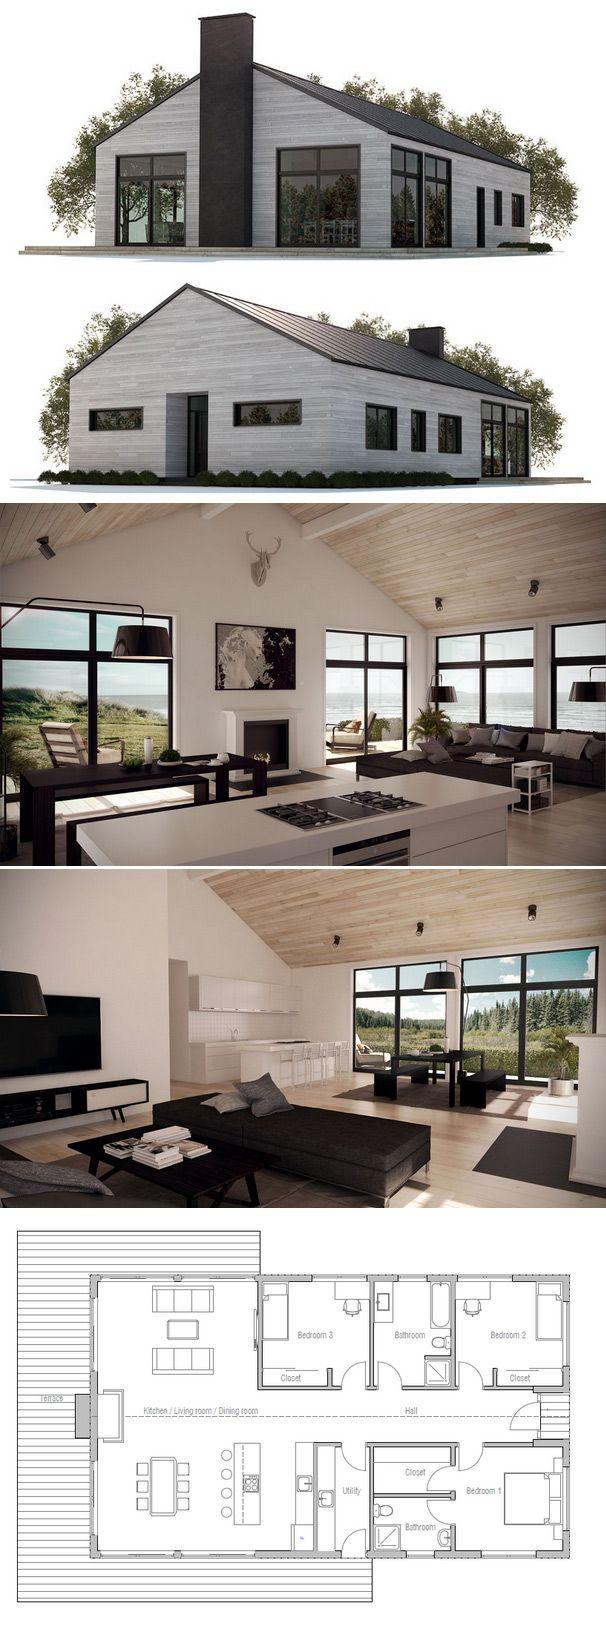 Plan de maison http://www.m-habitat.fr/travaux-de-gros-oeuvre/architecte-et-constructeur/le-plan-de-construction-d-une-maison-2483_A